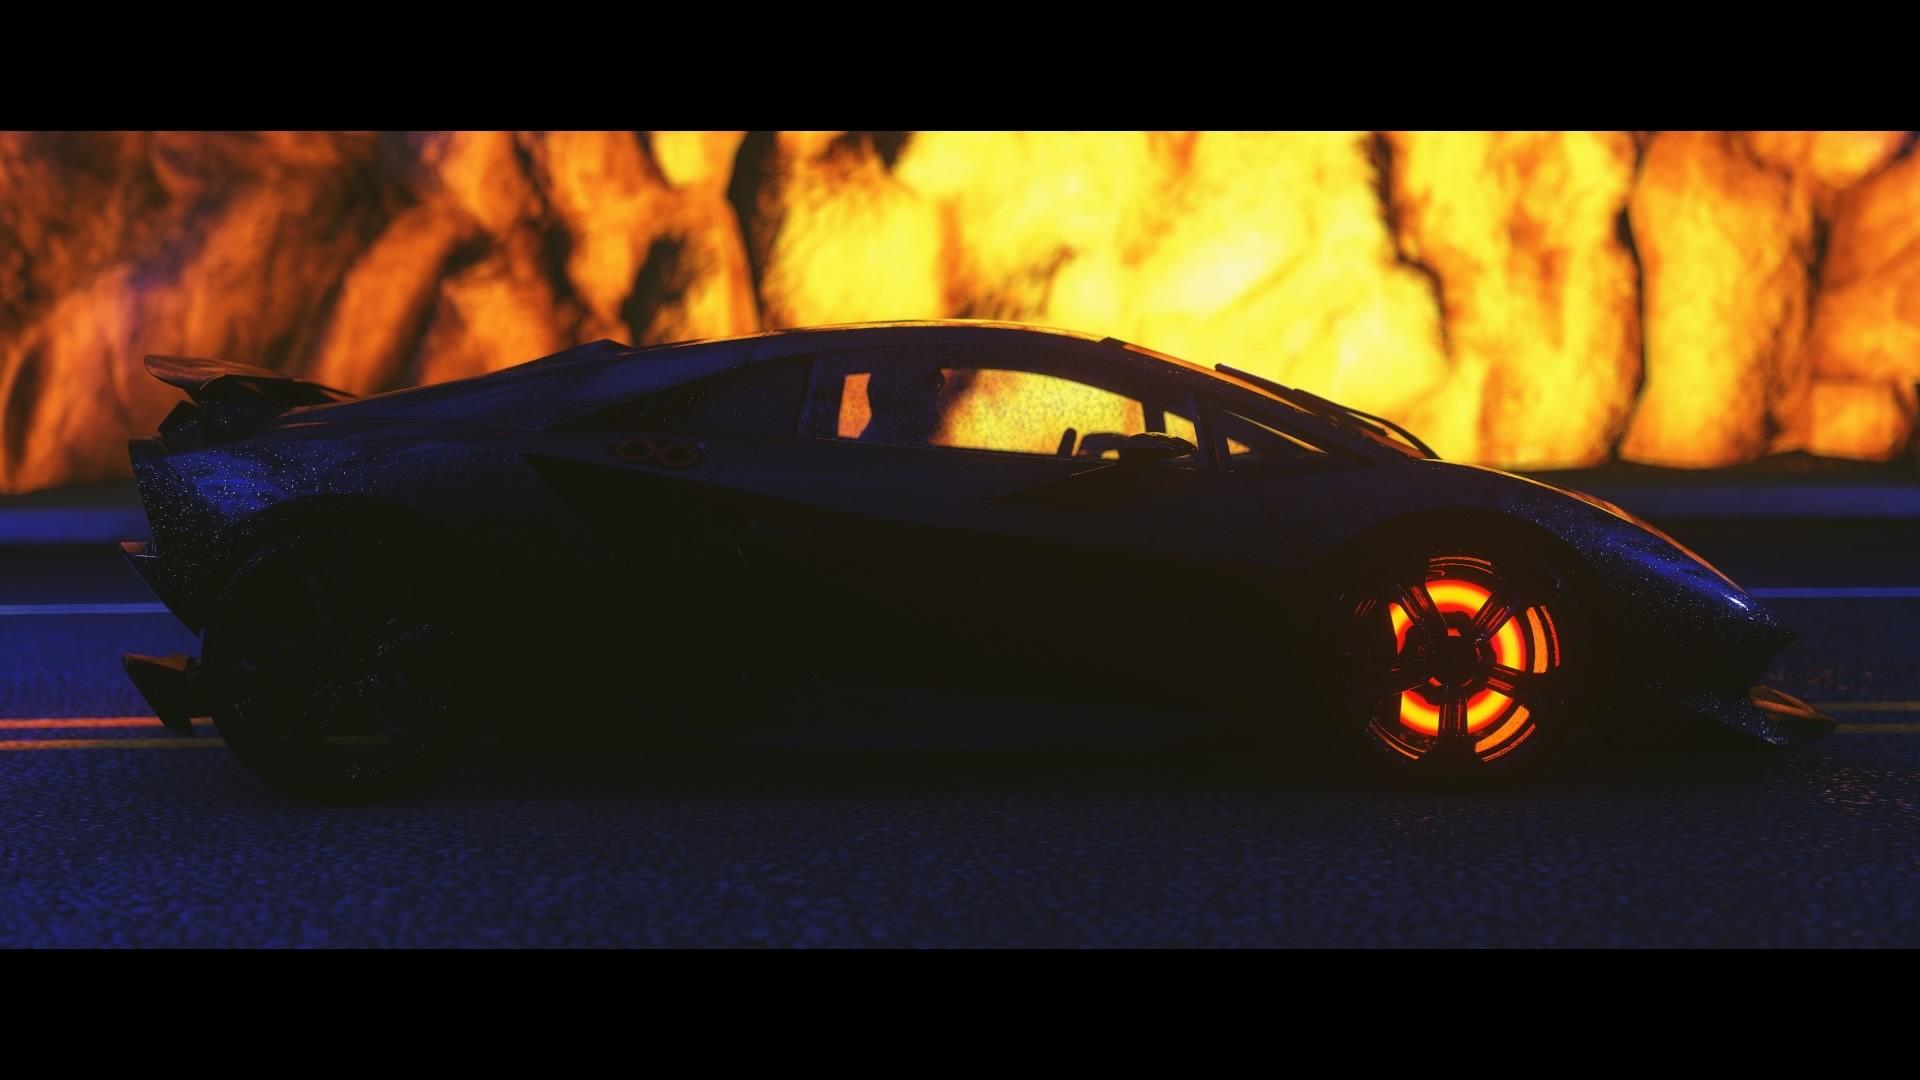 Lamborghini Sesto Elemento Wallpaper 1920x1080